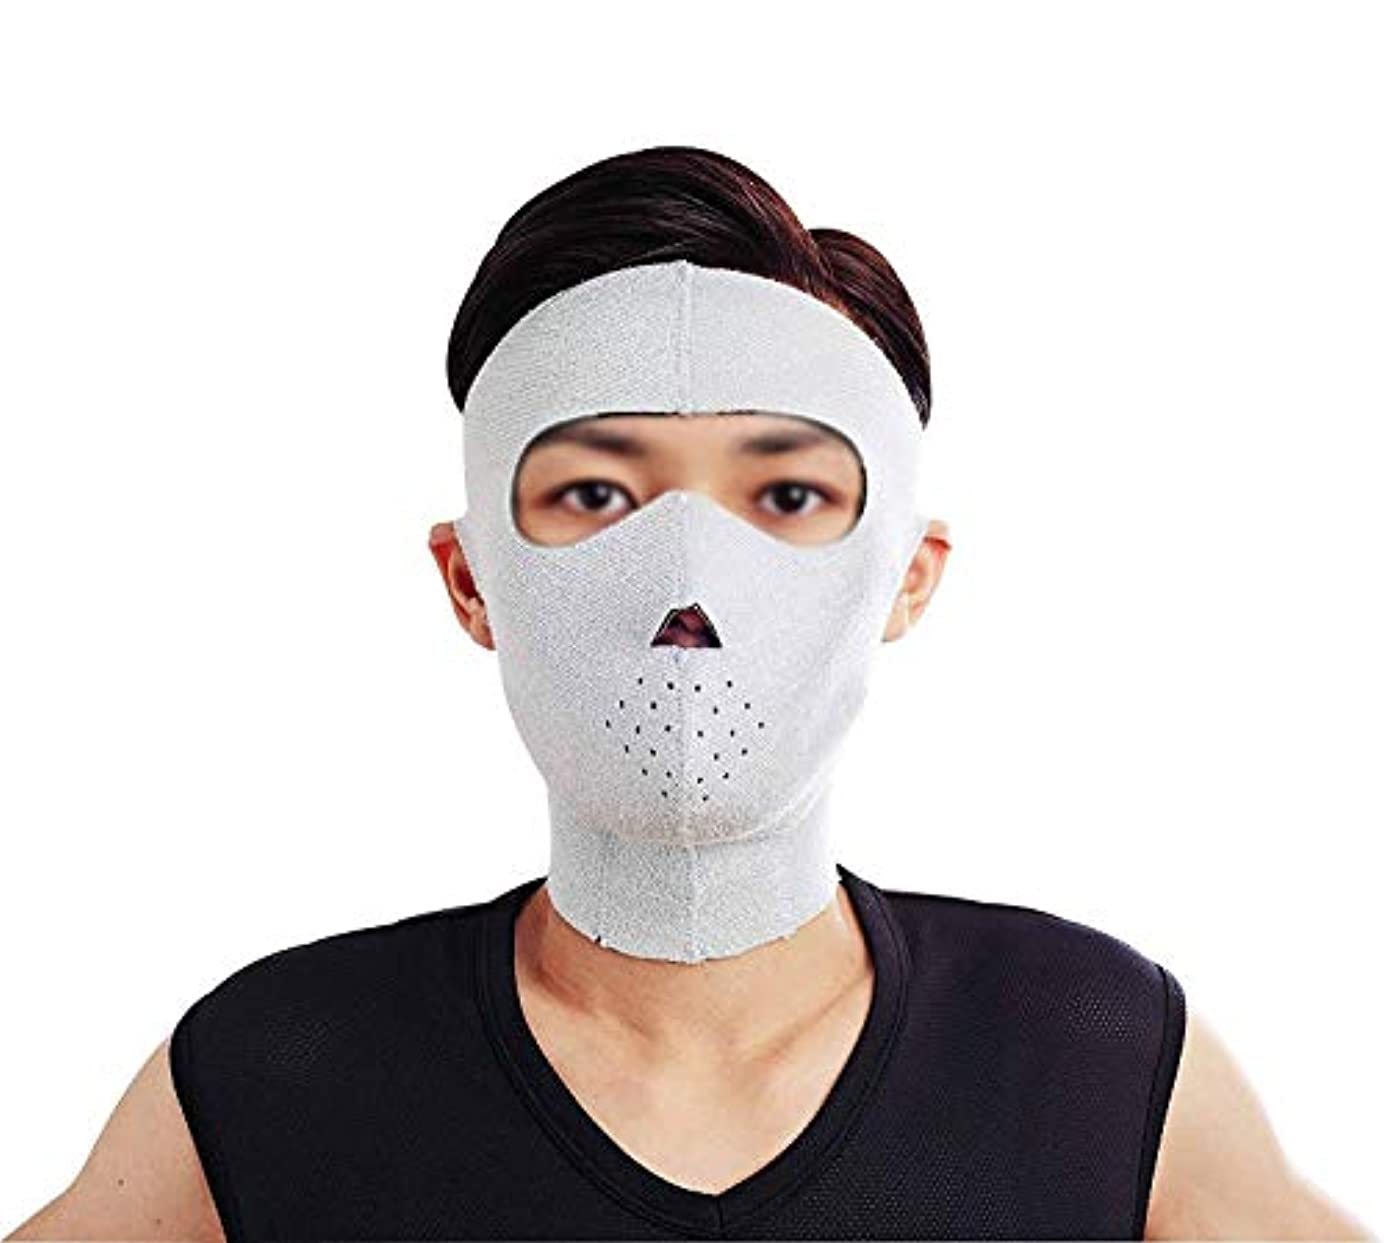 新年殉教者スポンジフェイスリフトマスク、フェイシャルマスクプラス薄いフェイスマスクタイトなたるみの薄いフェイスマスクフェイシャル薄いフェイスマスクアーティファクトビューティー男性ネックストラップ付き